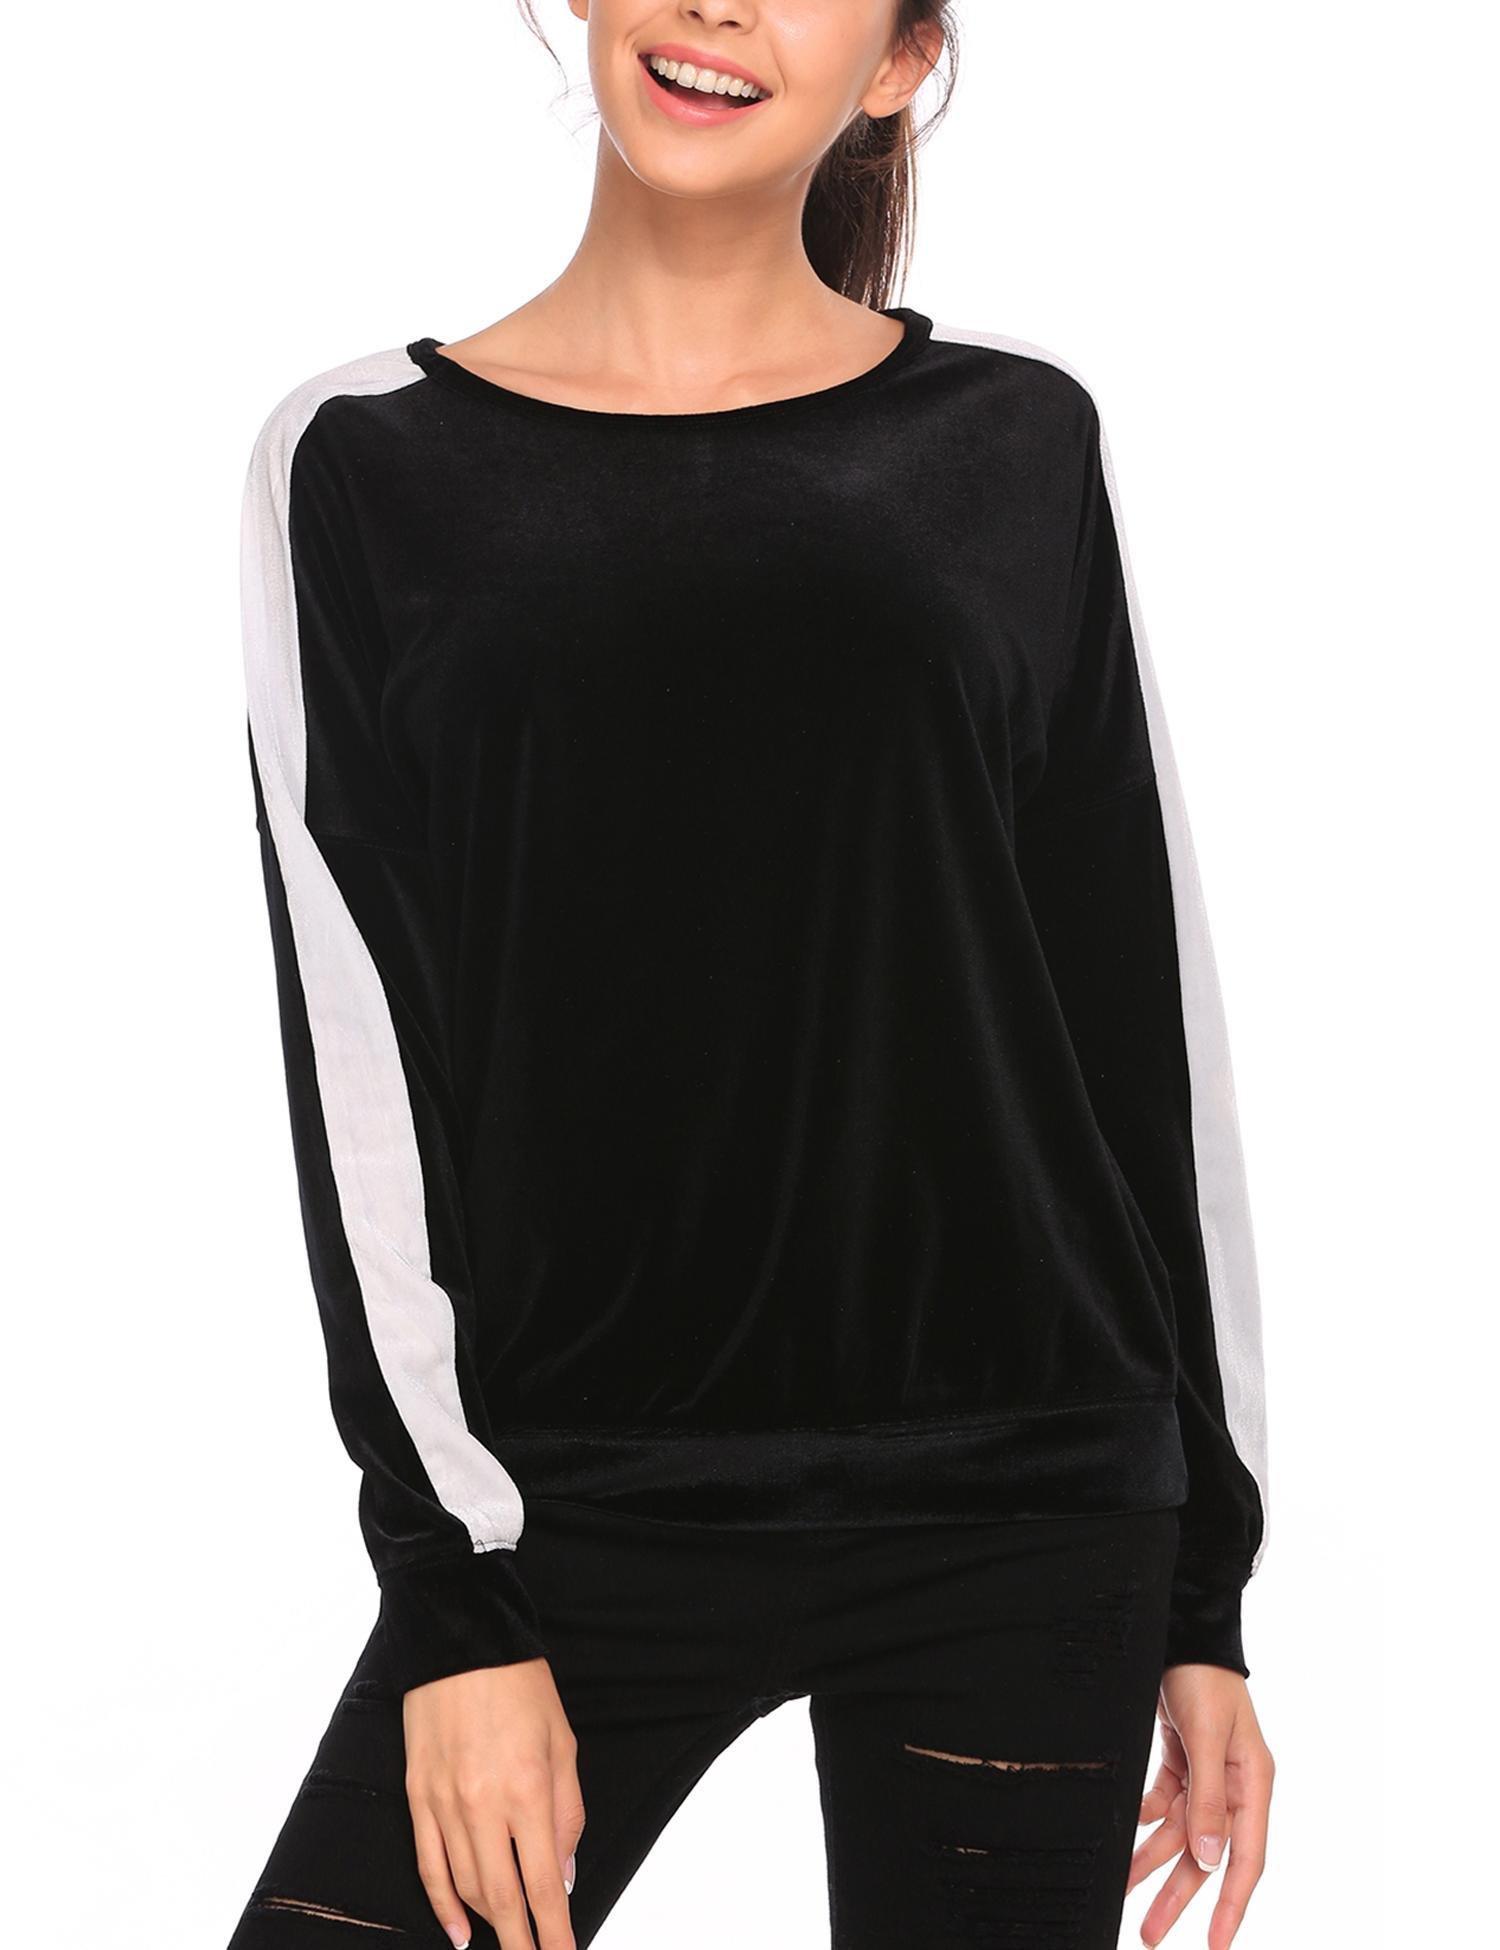 Zeagoo Women Black Velvet Shirts Top Crew Neck Blouse Loose Fit Sweatshirt